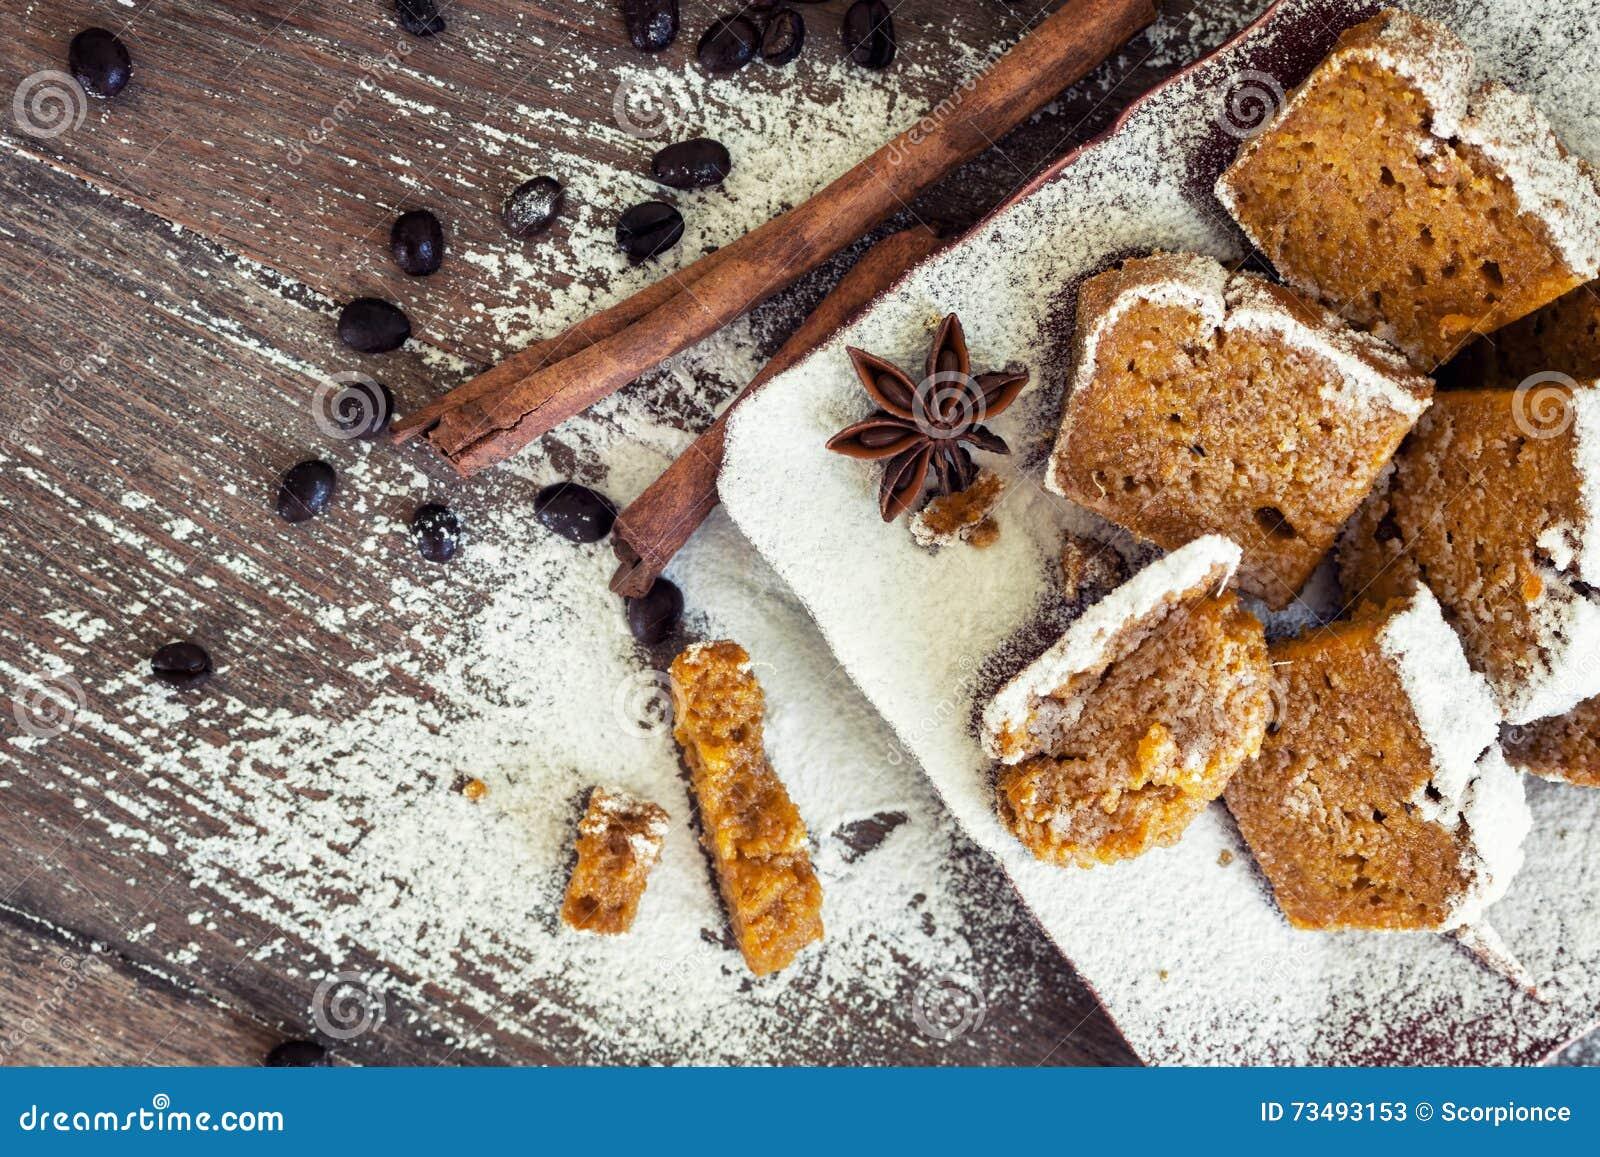 Potiron fait maison de configuration plate - pain de cannelle avec des grains de café dessus